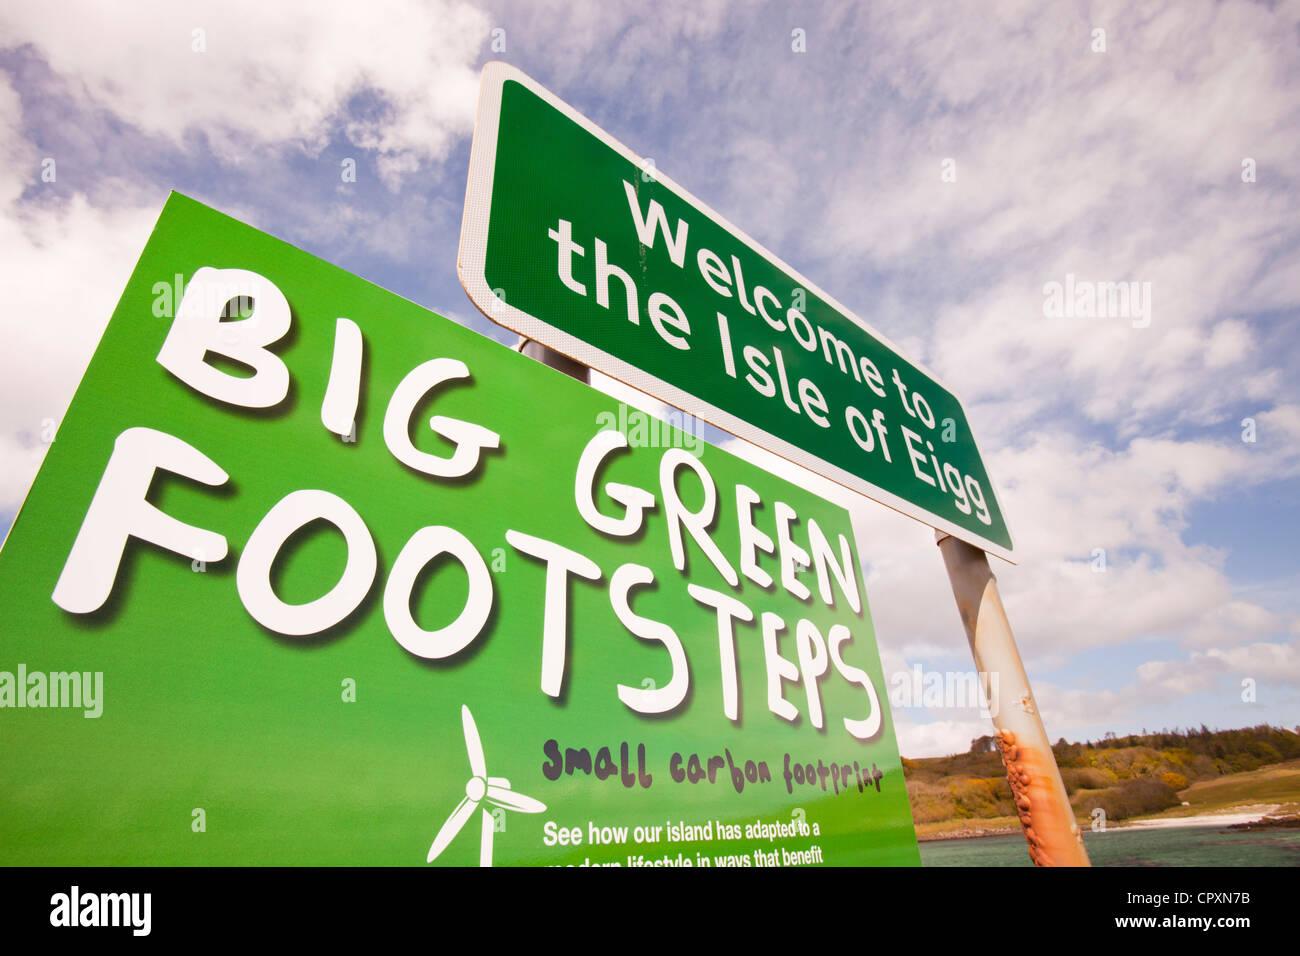 La Isla de Eigg que es un 98% de energía renovable. Imagen De Stock